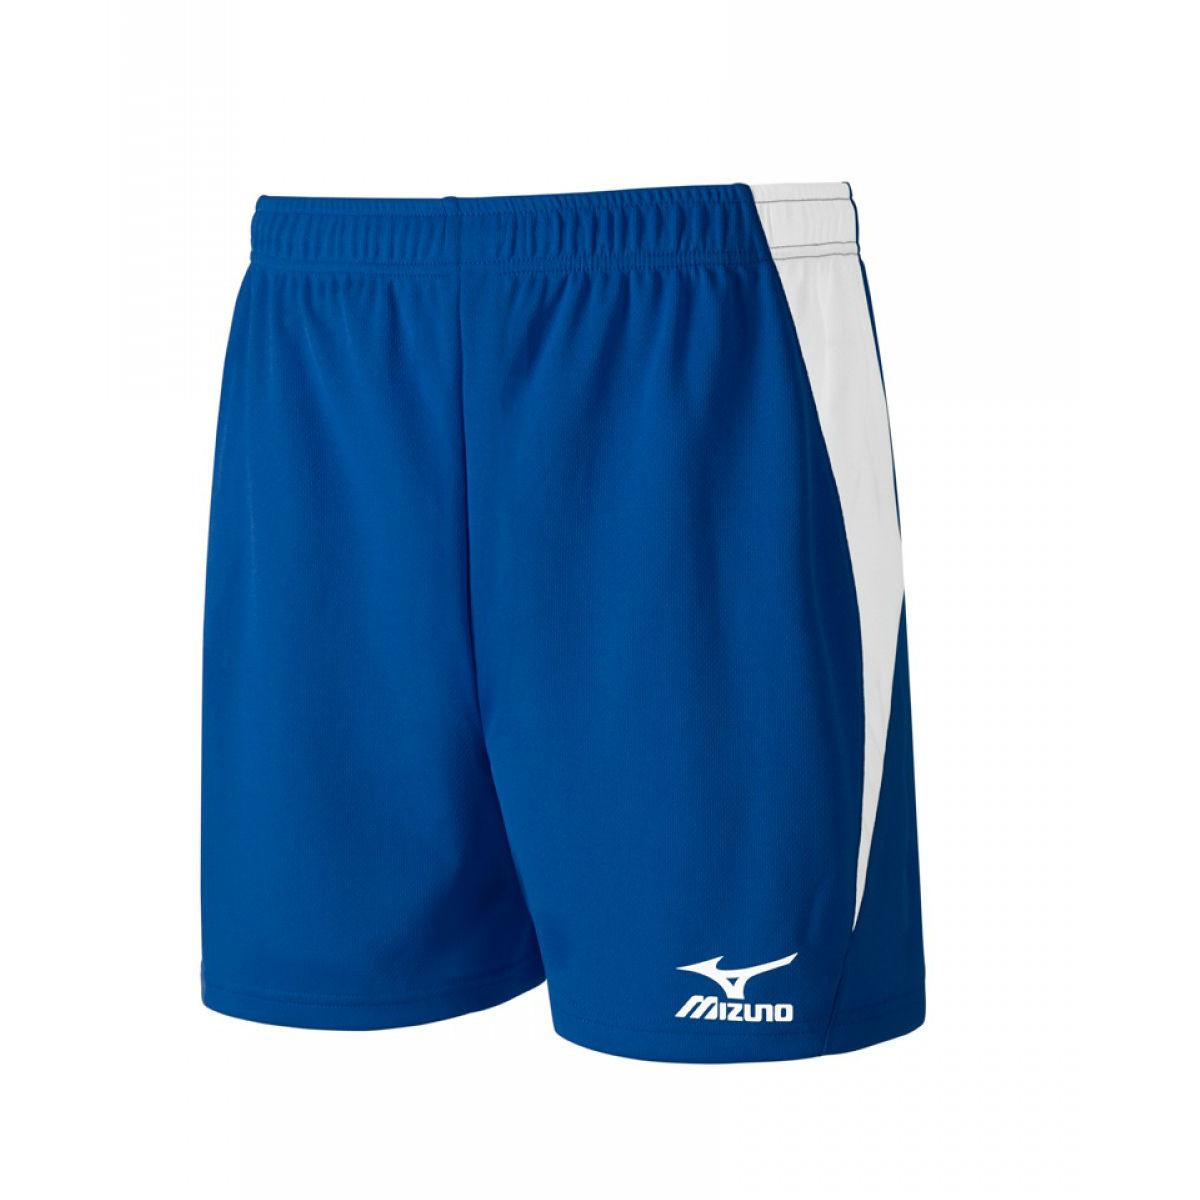 Волейбольные шорты Mizuno Trad Shorts V2GB6B31-22